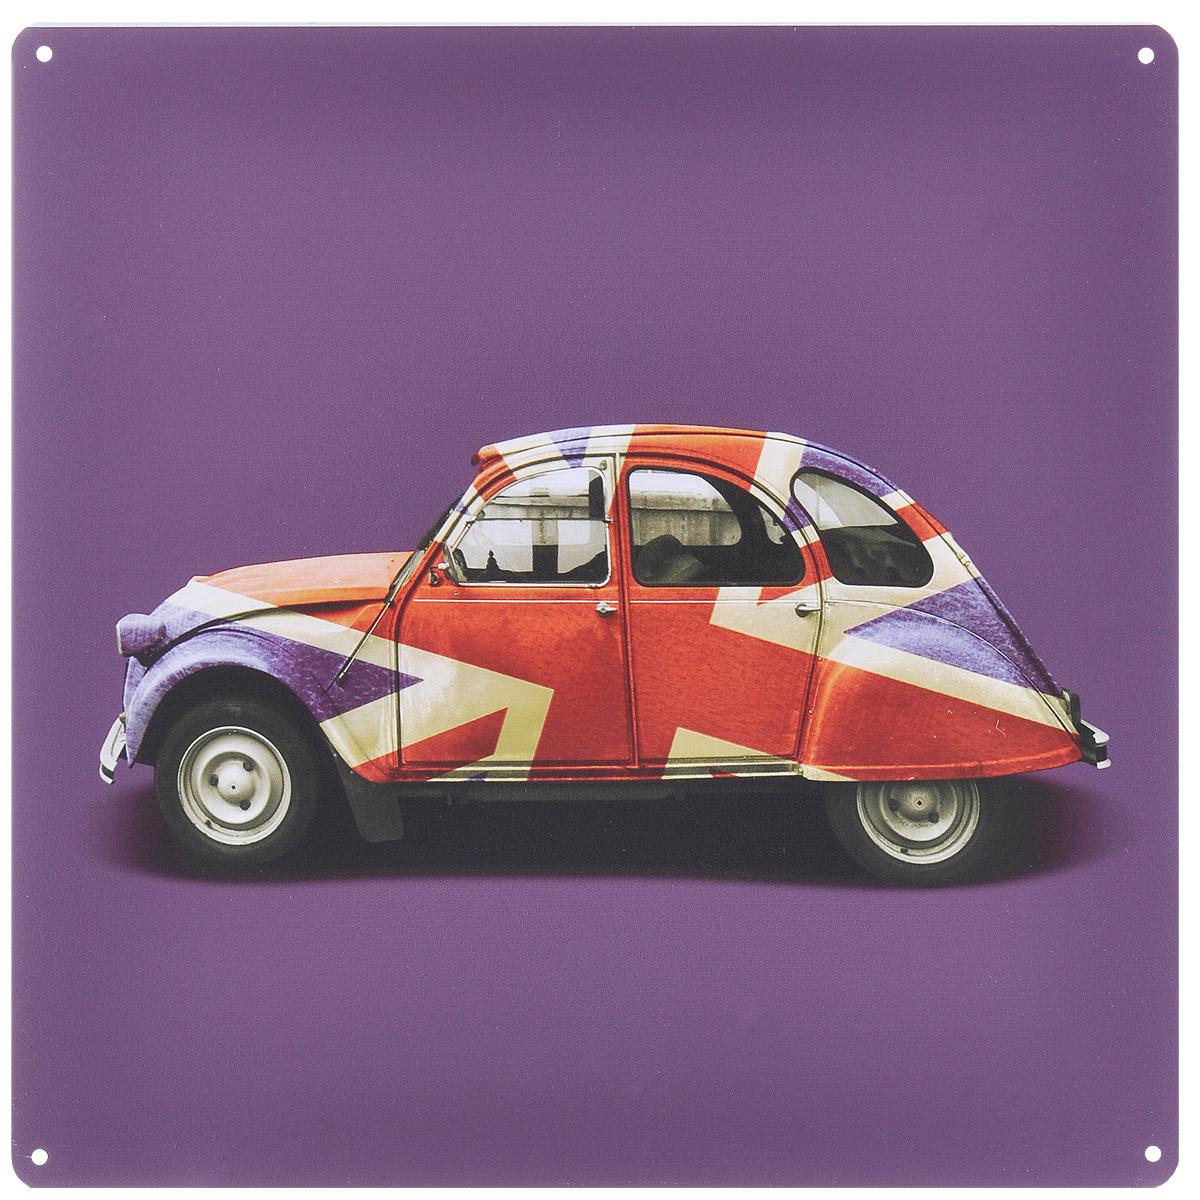 Постер Феникс-презент Автомобиль, 30 х 30 см37441Постер Феникс-презент Автомобиль выполнен из черного металла. На постере изображен автомобиль. Постер заинтересует всех любителей оригинальных вещиц и доставит массу положительных эмоций своему обладателю.Картина для интерьера (постер) - современное и актуальное направление в дизайне любых помещений.Постер может использоваться для оформления любых интерьеров:- дом, квартира (гостиная, спальня, кухня, прихожая, детская); - офис (комната переговоров, холл, кабинет); - бар, кафе, ресторан или гостиница. Из мелочей складывается стиль интерьера. Постер Феникс-презент Автомобиль одна из тех деталей, которые придают интерьеру обжитой вид и создают ощущение уюта.